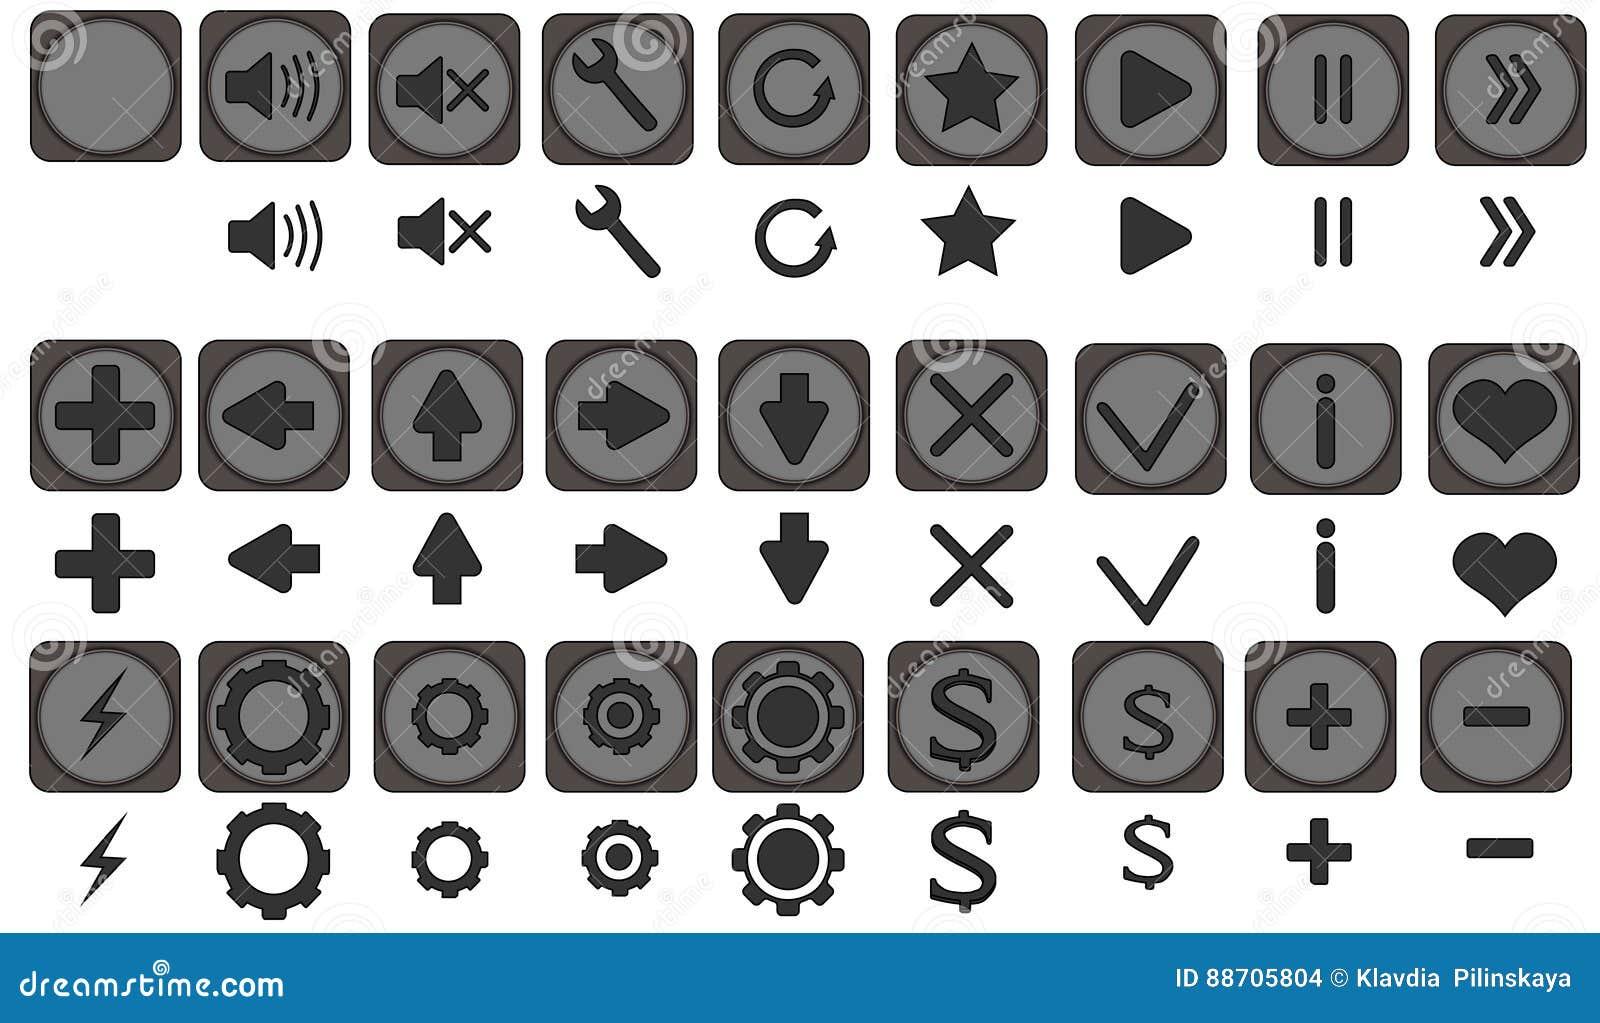 Geplaatste Qualiti de pictogrammen, de volledige pictogrammen pac, pictogrammen voor apps, spel, mobiele interface, Pijlen, door: